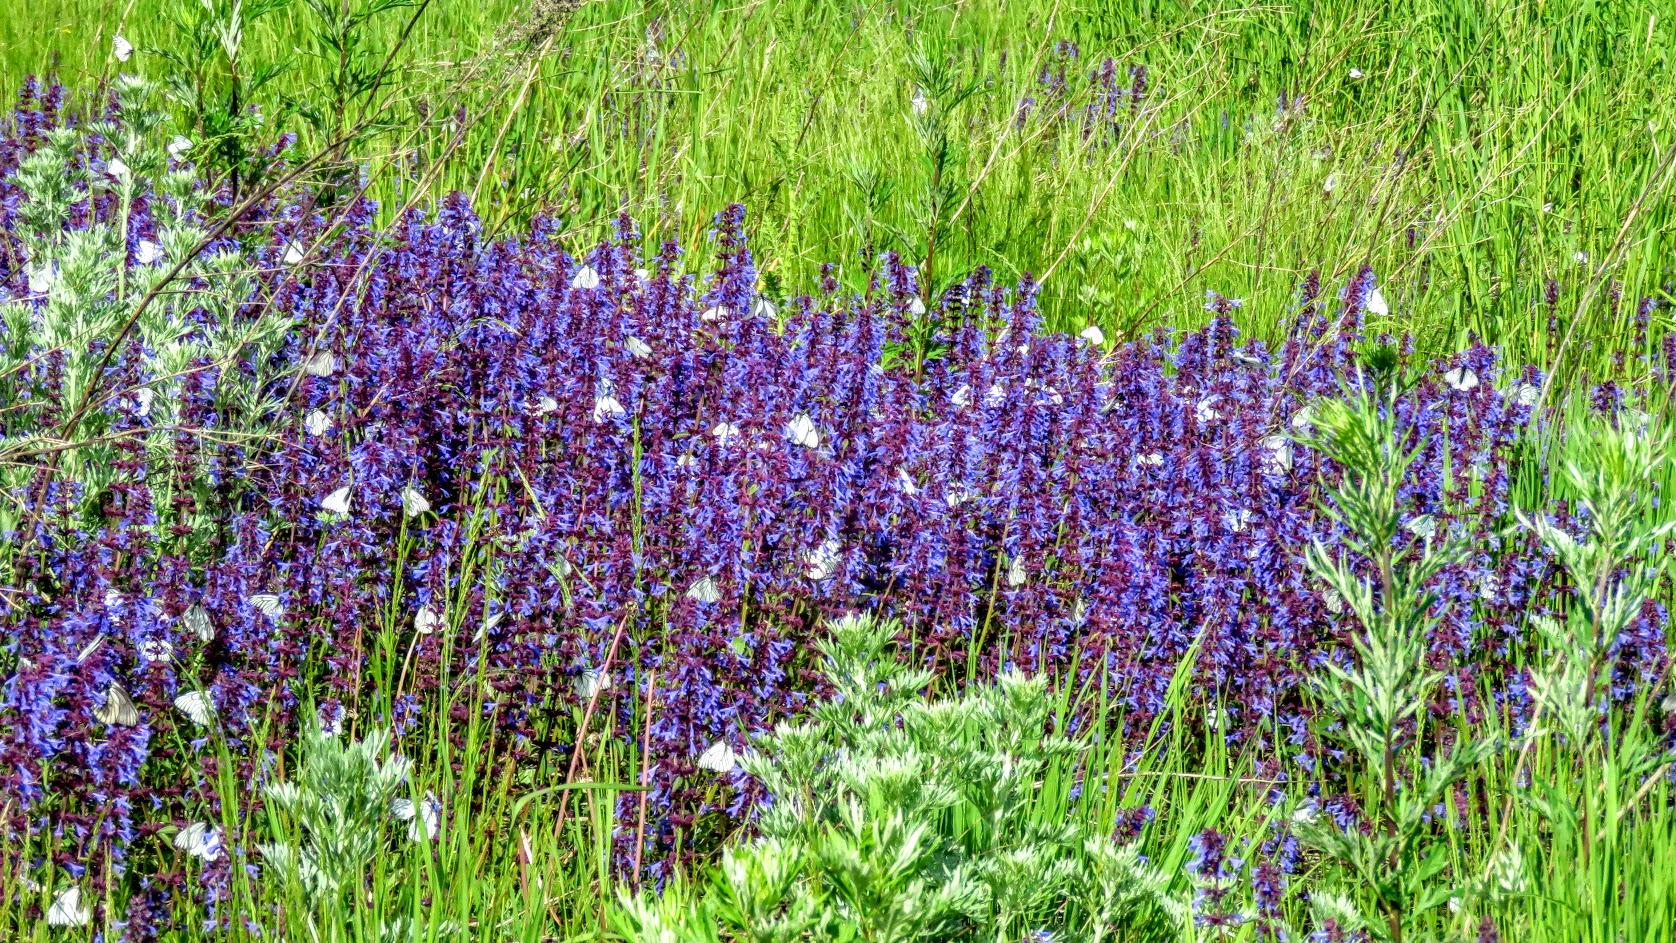 Цветики, птички, маслята и сосновые шишки. Мои припасы на зиму) IMG_6669.jpg